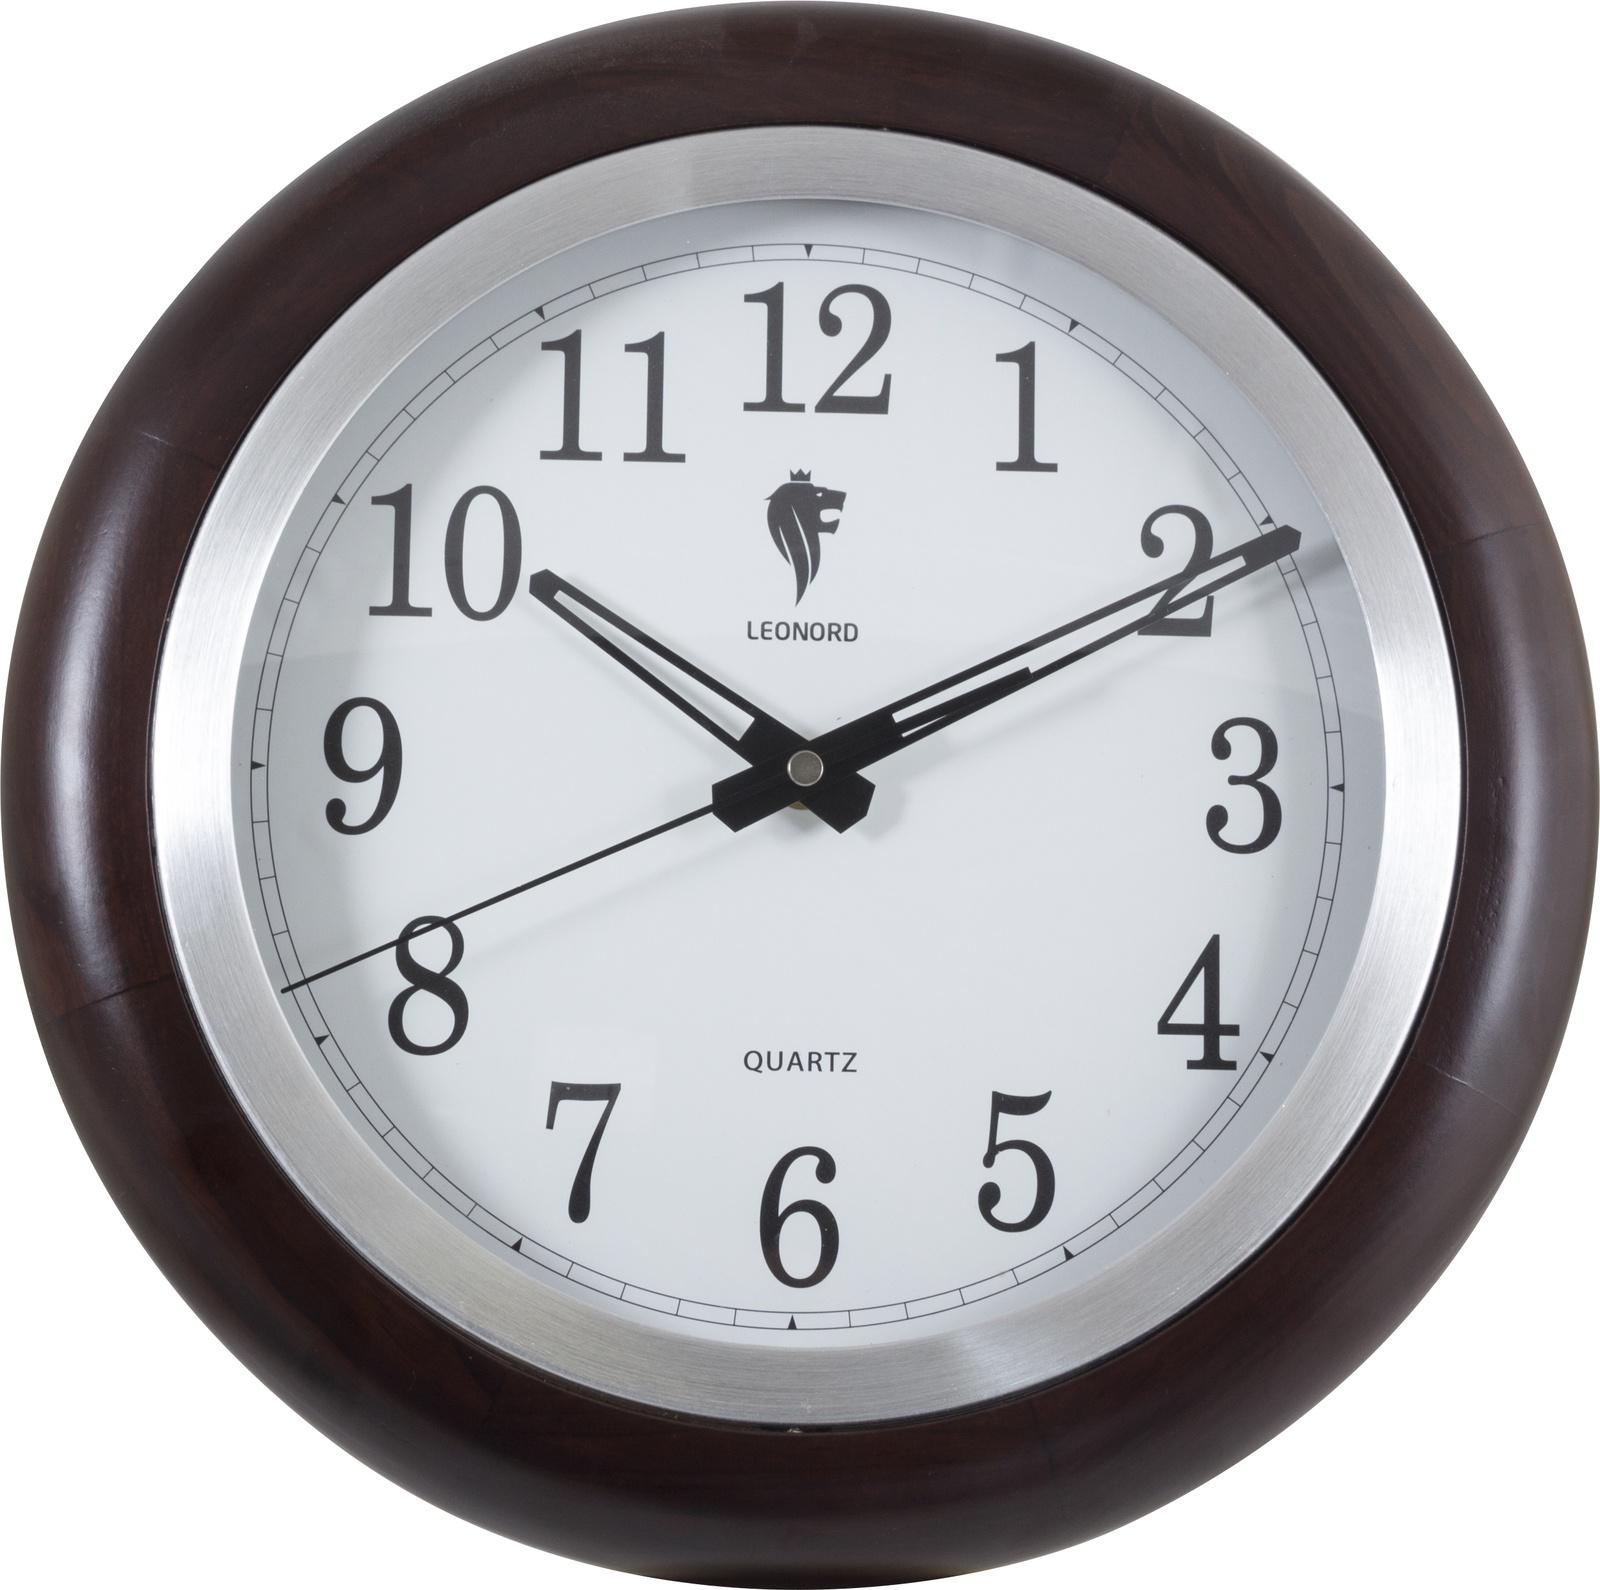 Настенные часы Leonord венге leonord lc 69 настенные часы